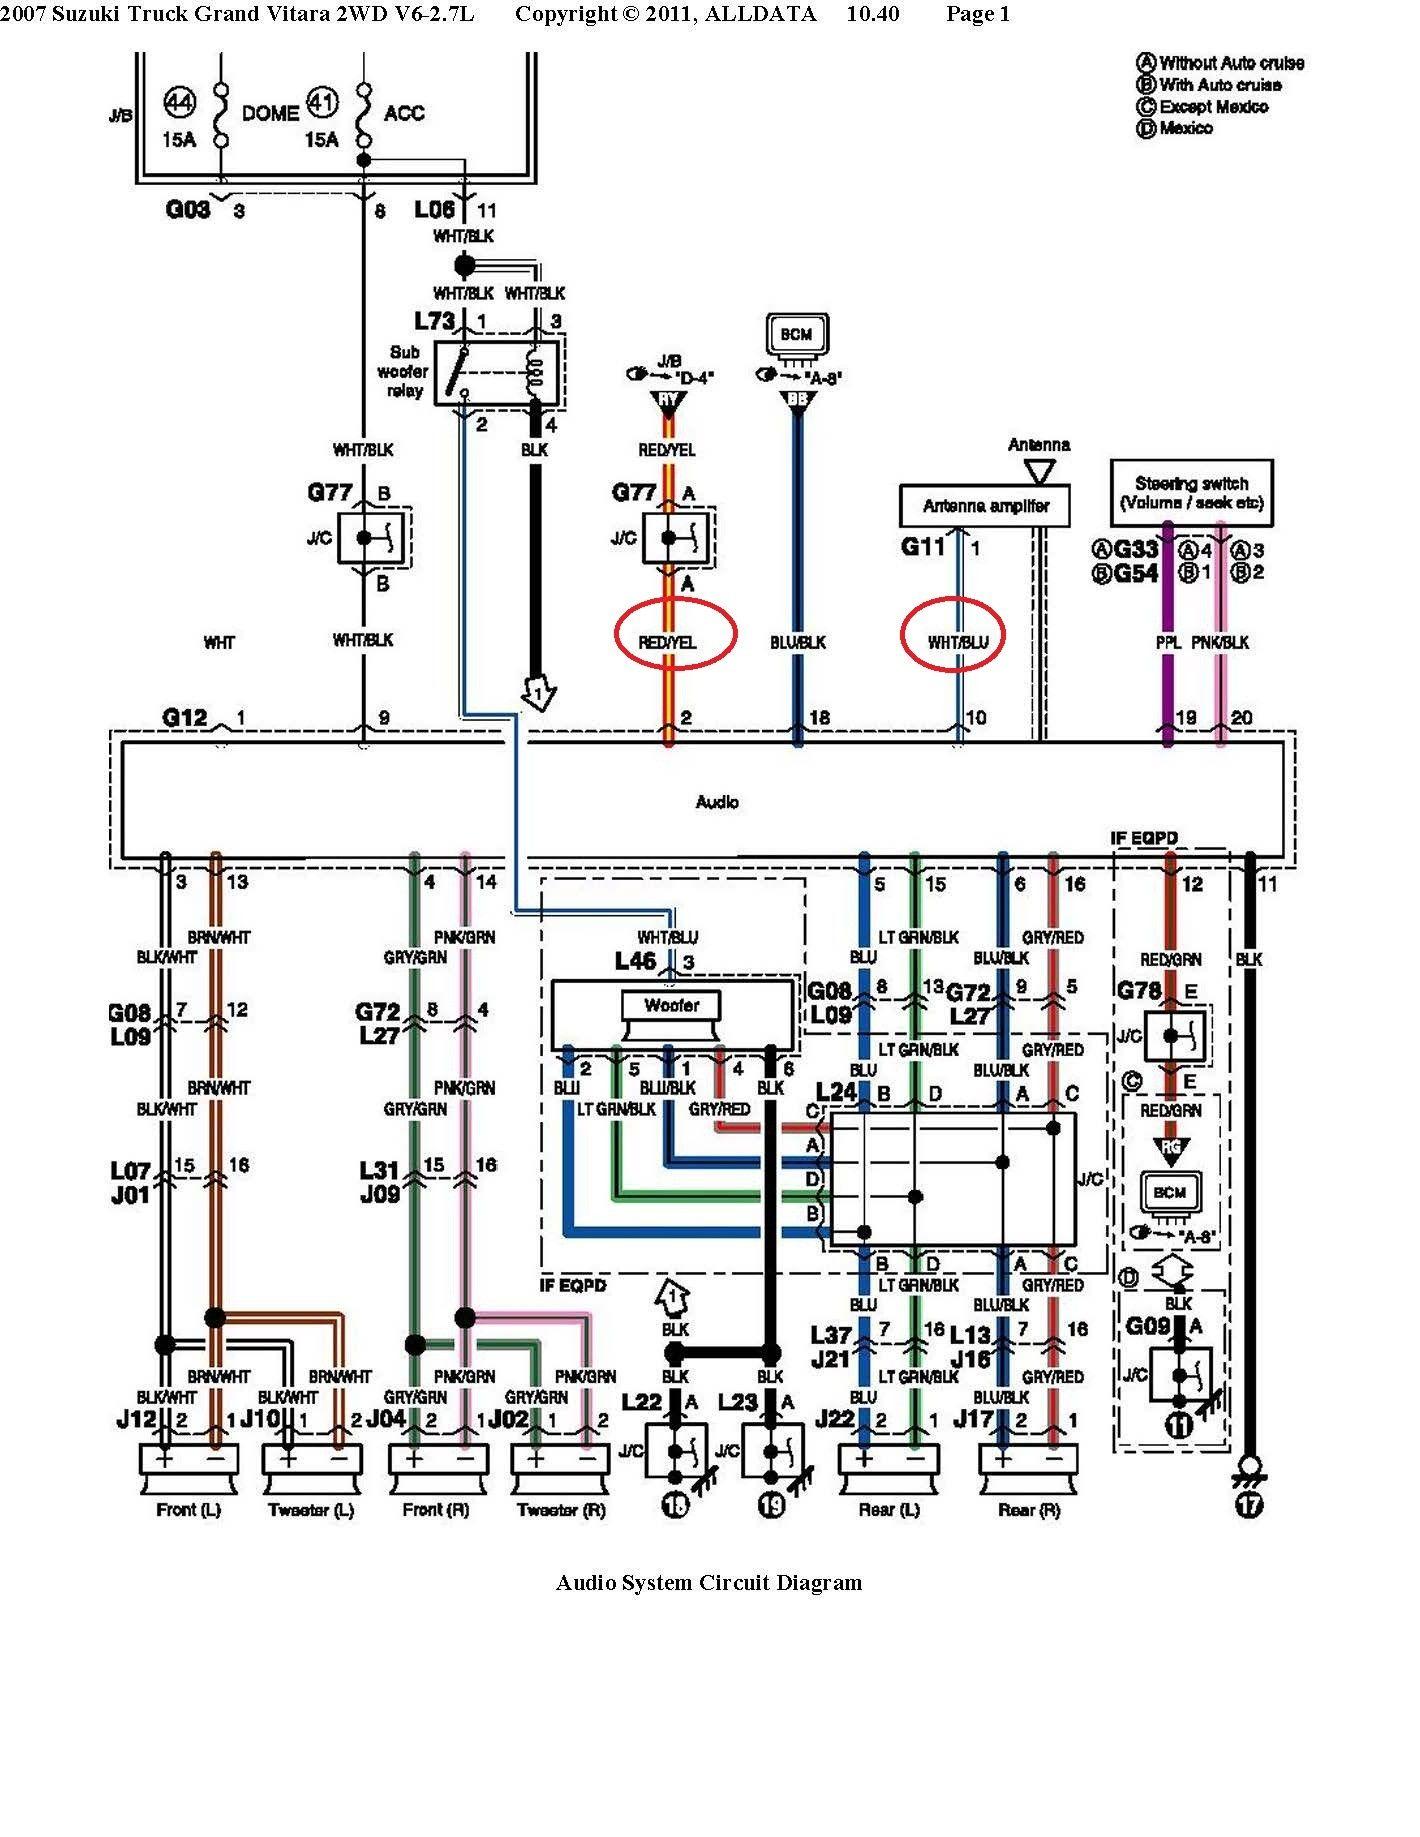 Unique Car Stereo Radio Wiring Diagram  Diagramsample  Diagramformats  Diagramtemplate